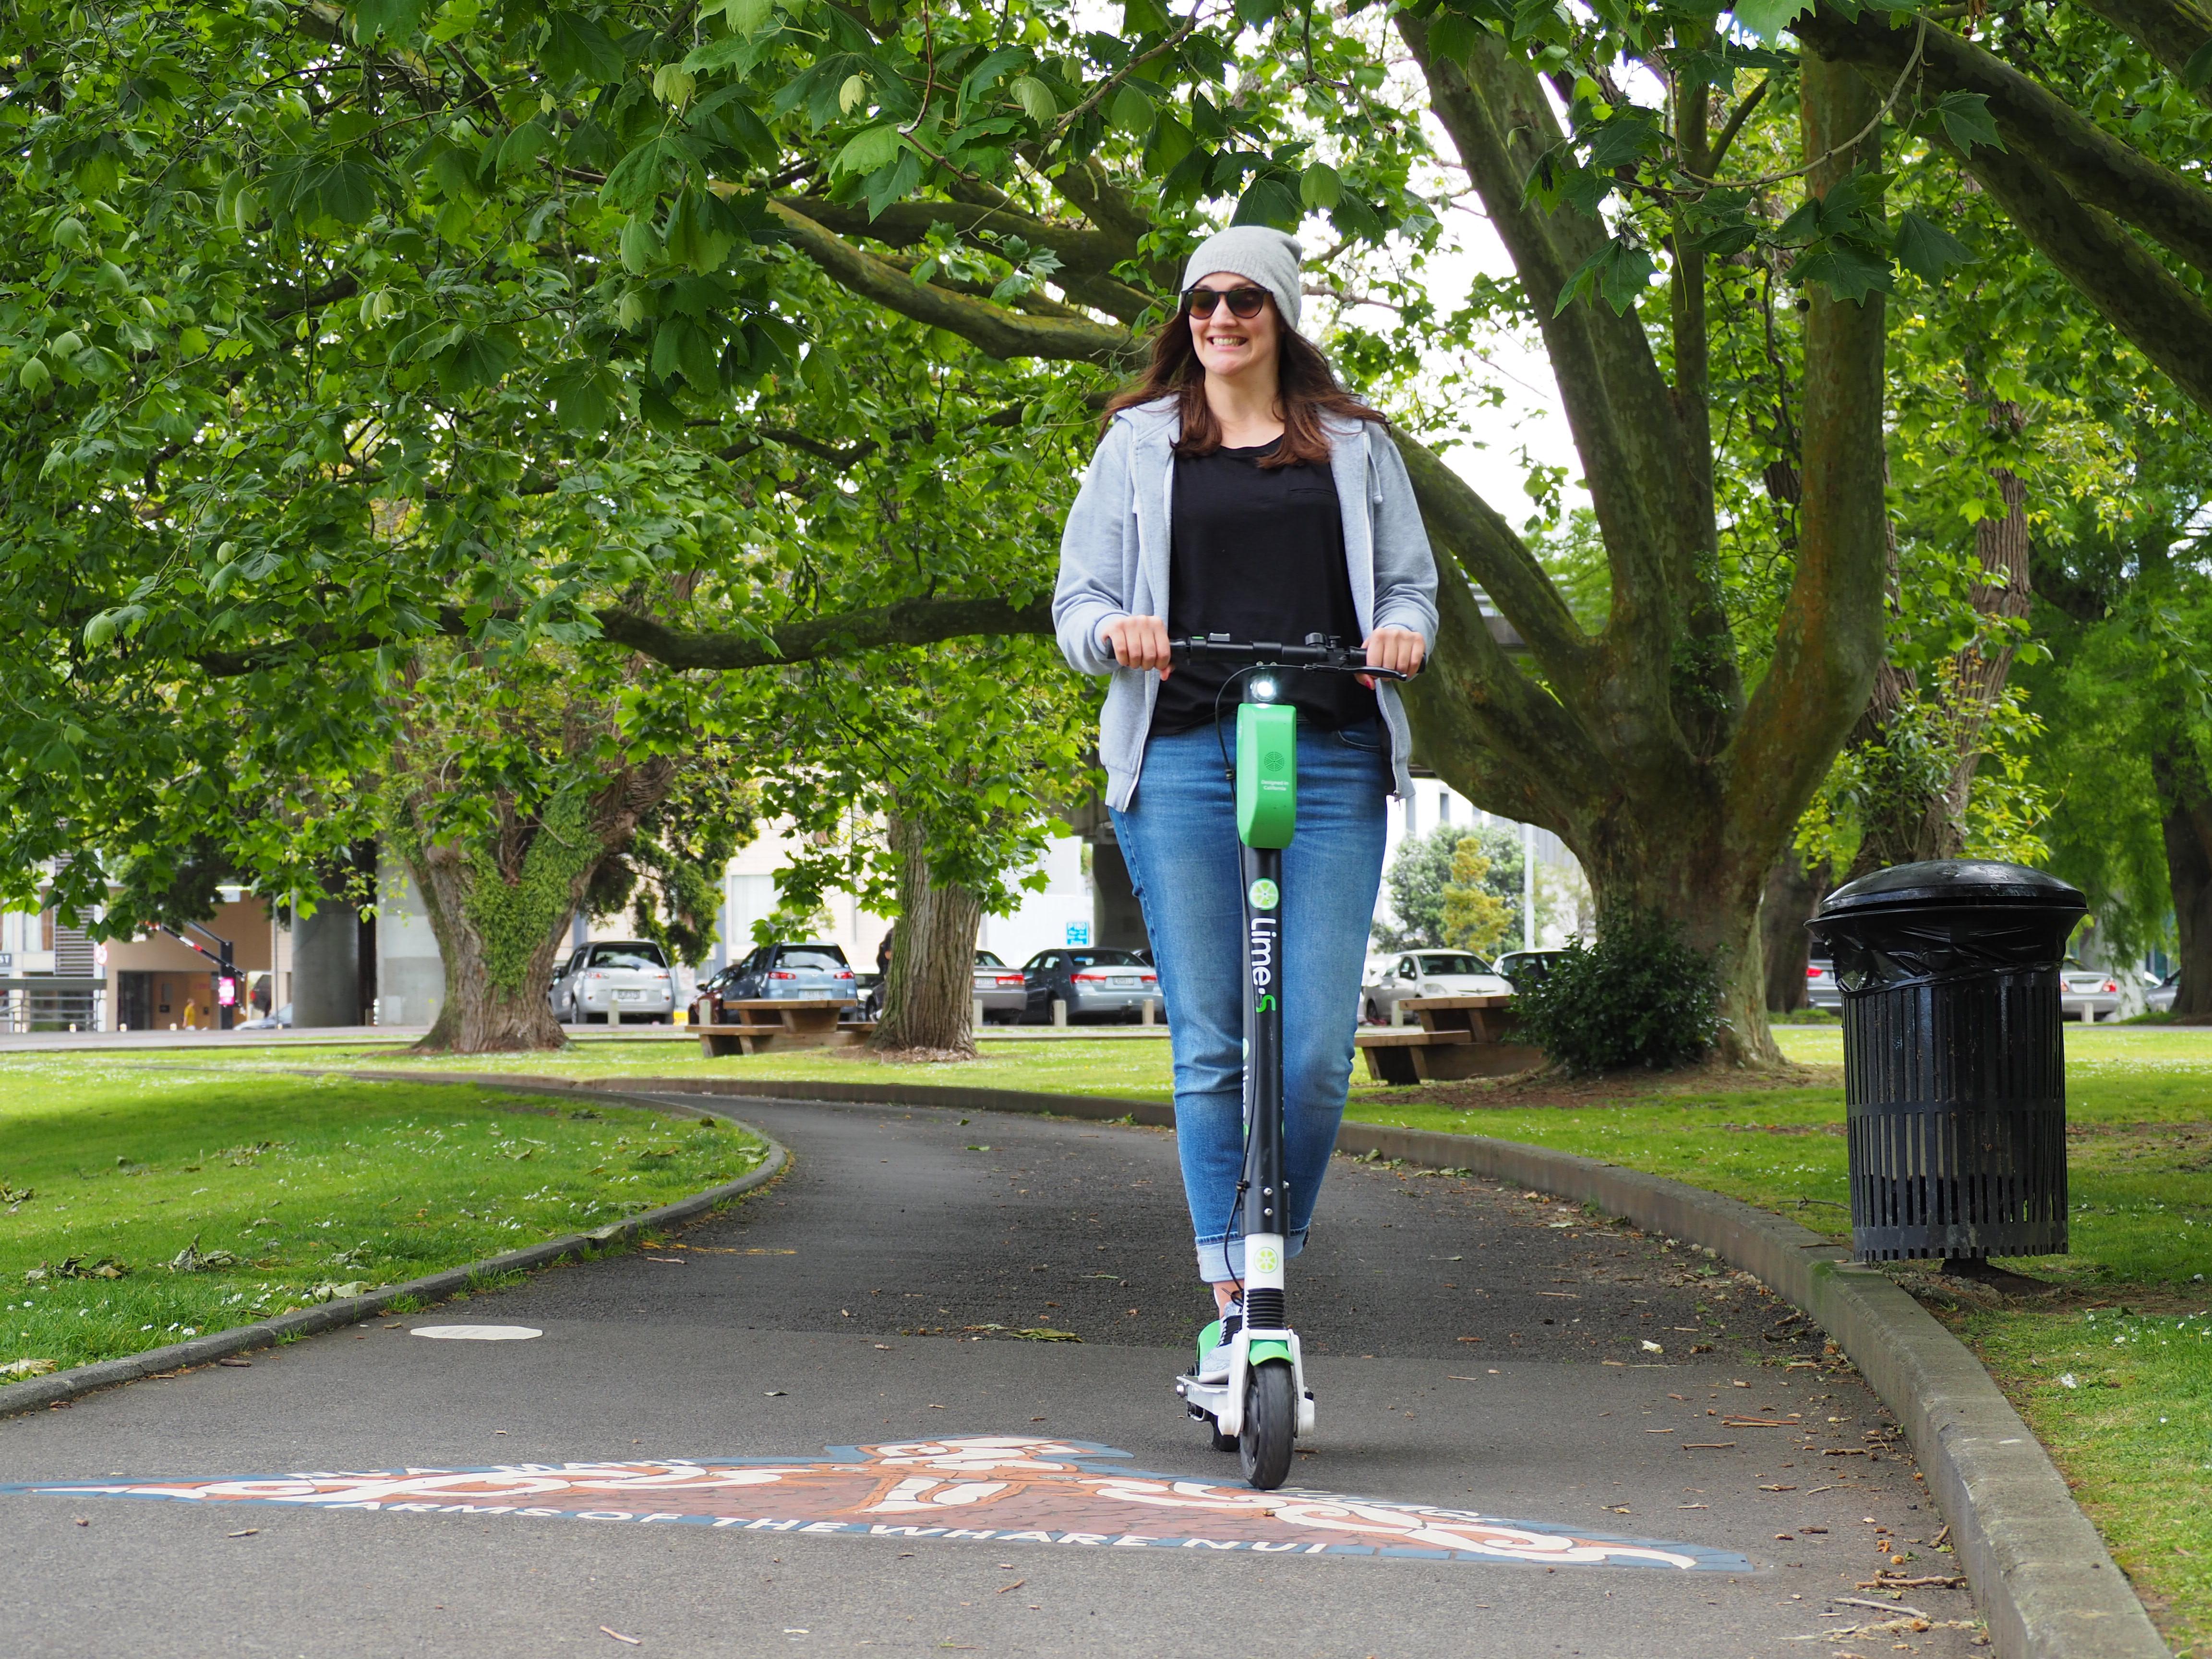 Im Park haben wir Roller Fahren mit dem Scooter geübt